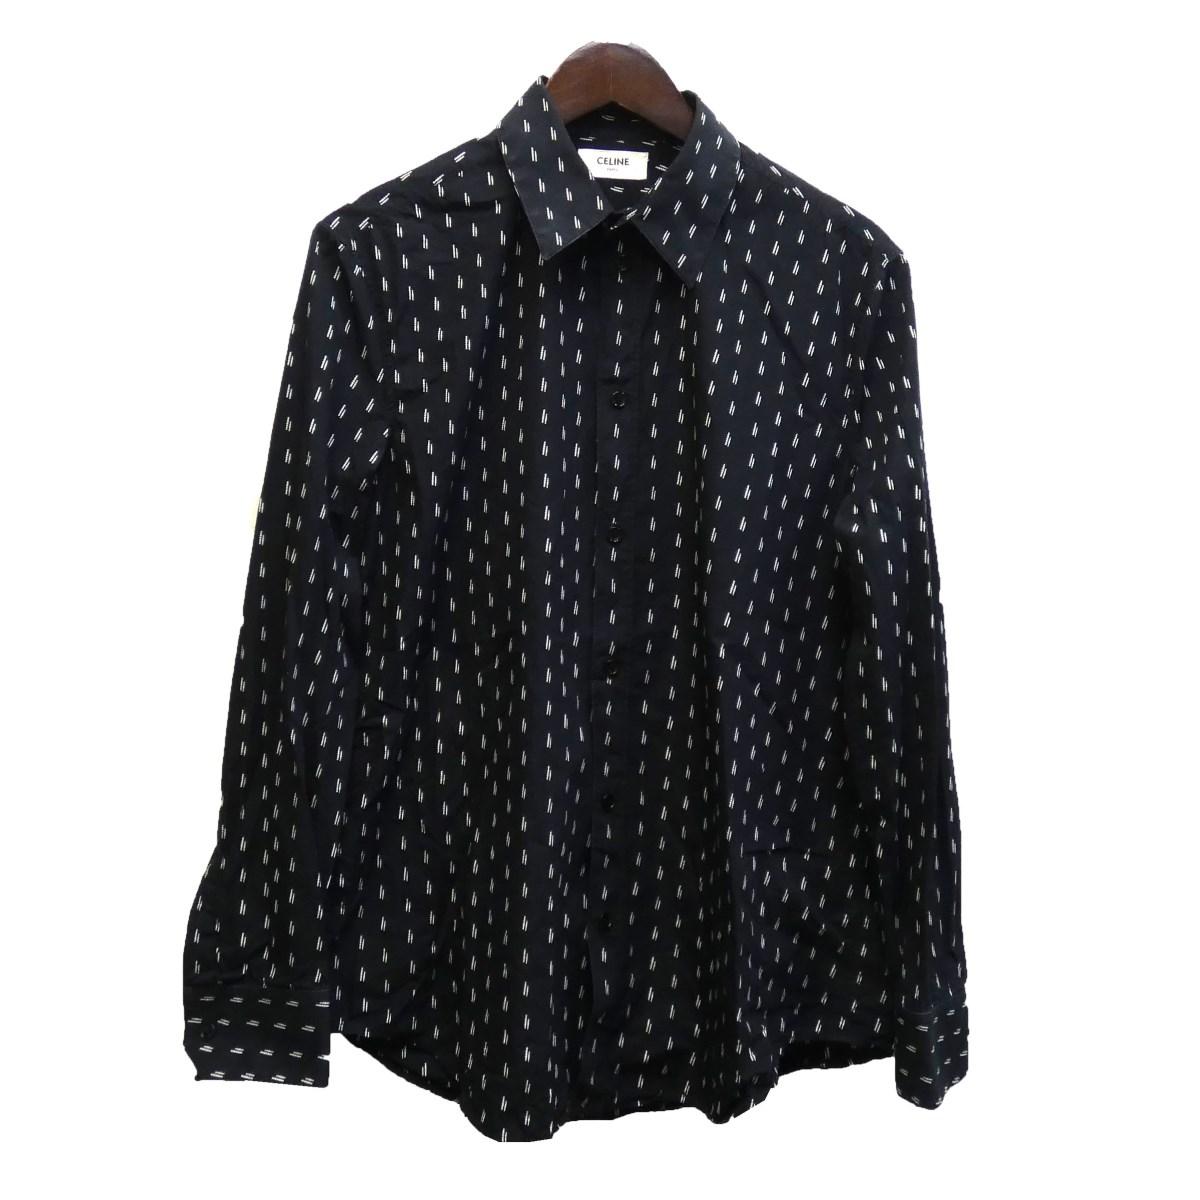 【中古】CELINE19SS 総柄シャツ ブラック サイズ:40